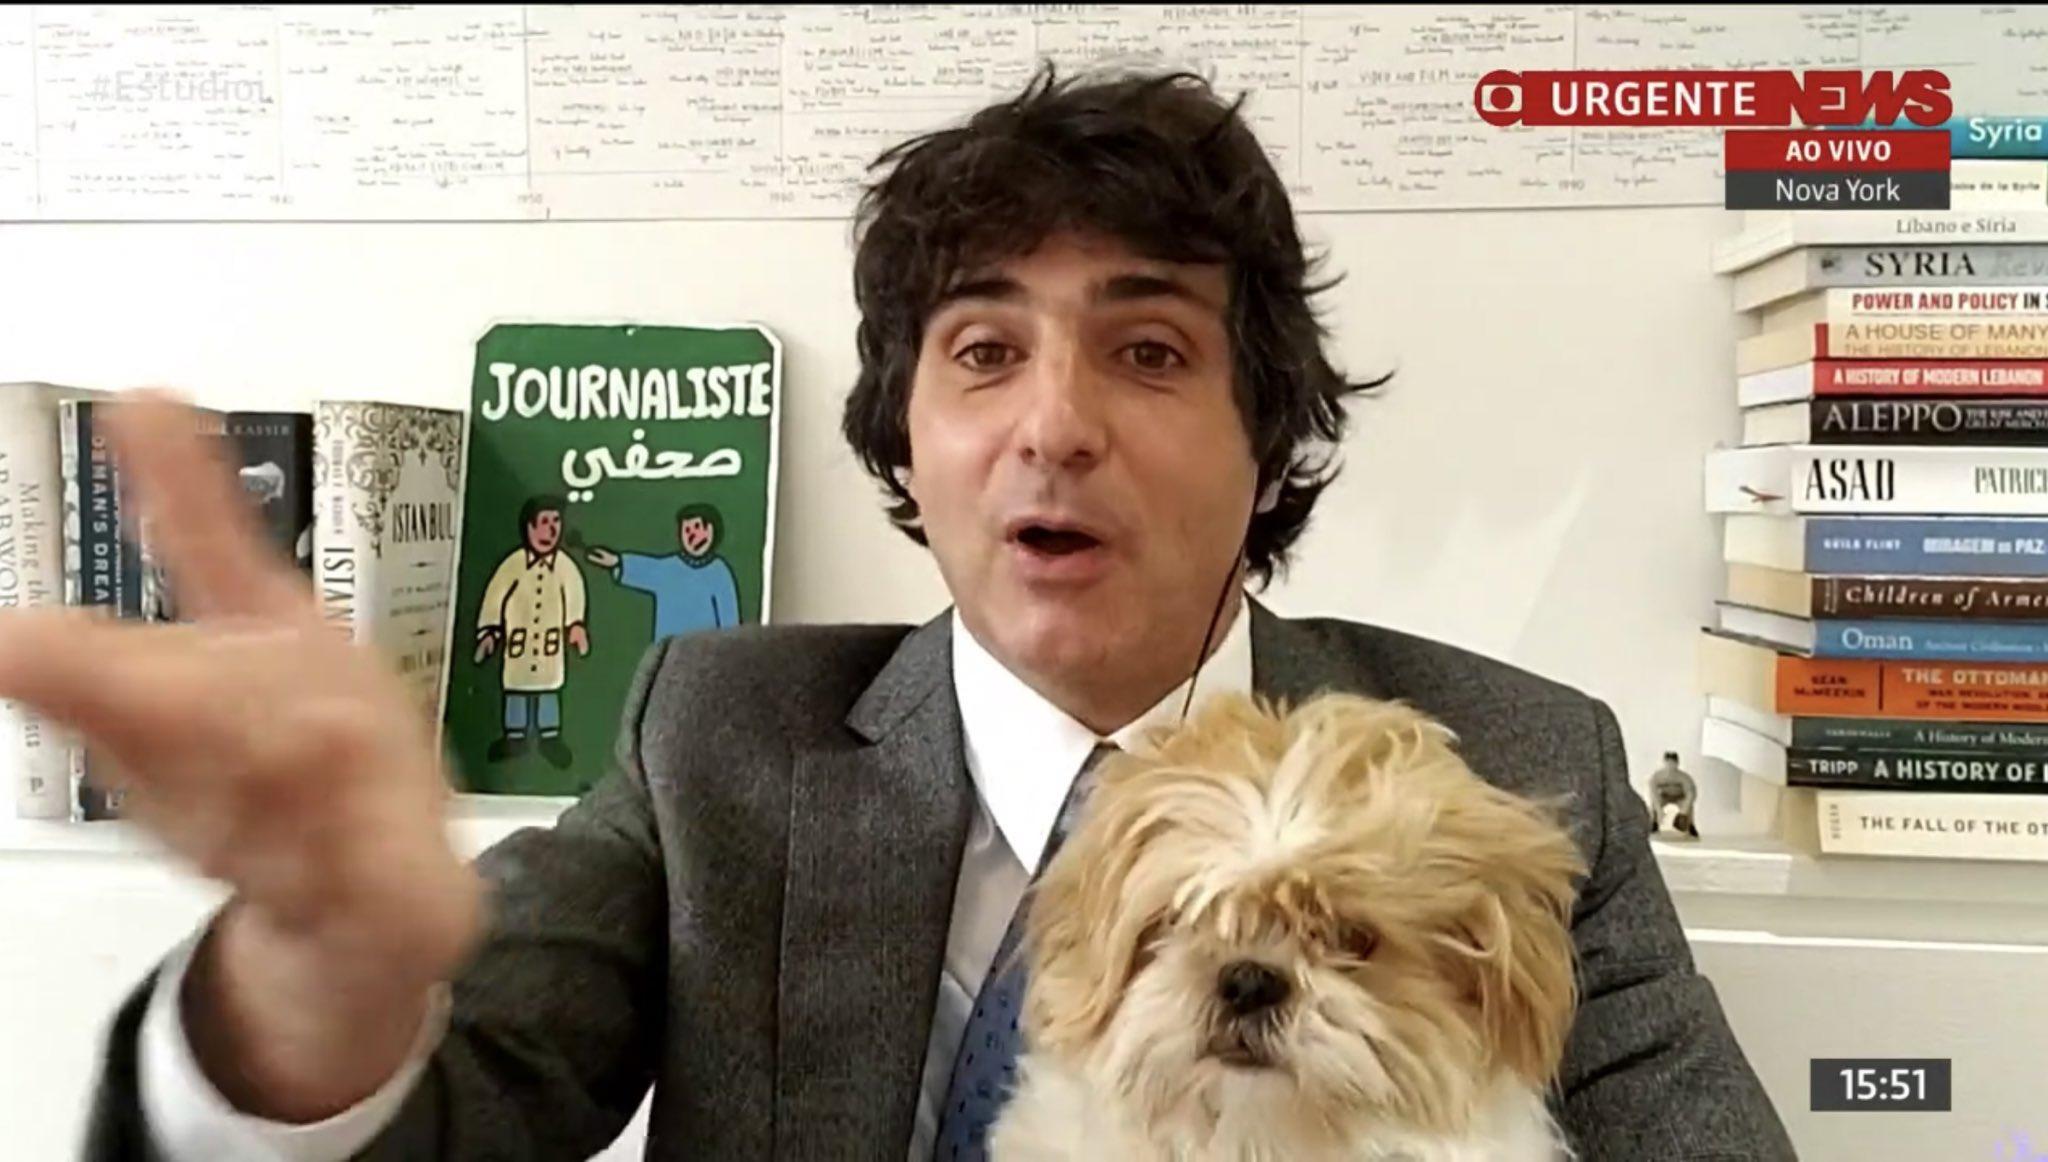 Guga Chacra surpreende ao mostrar cão (Foto: Reprodução)